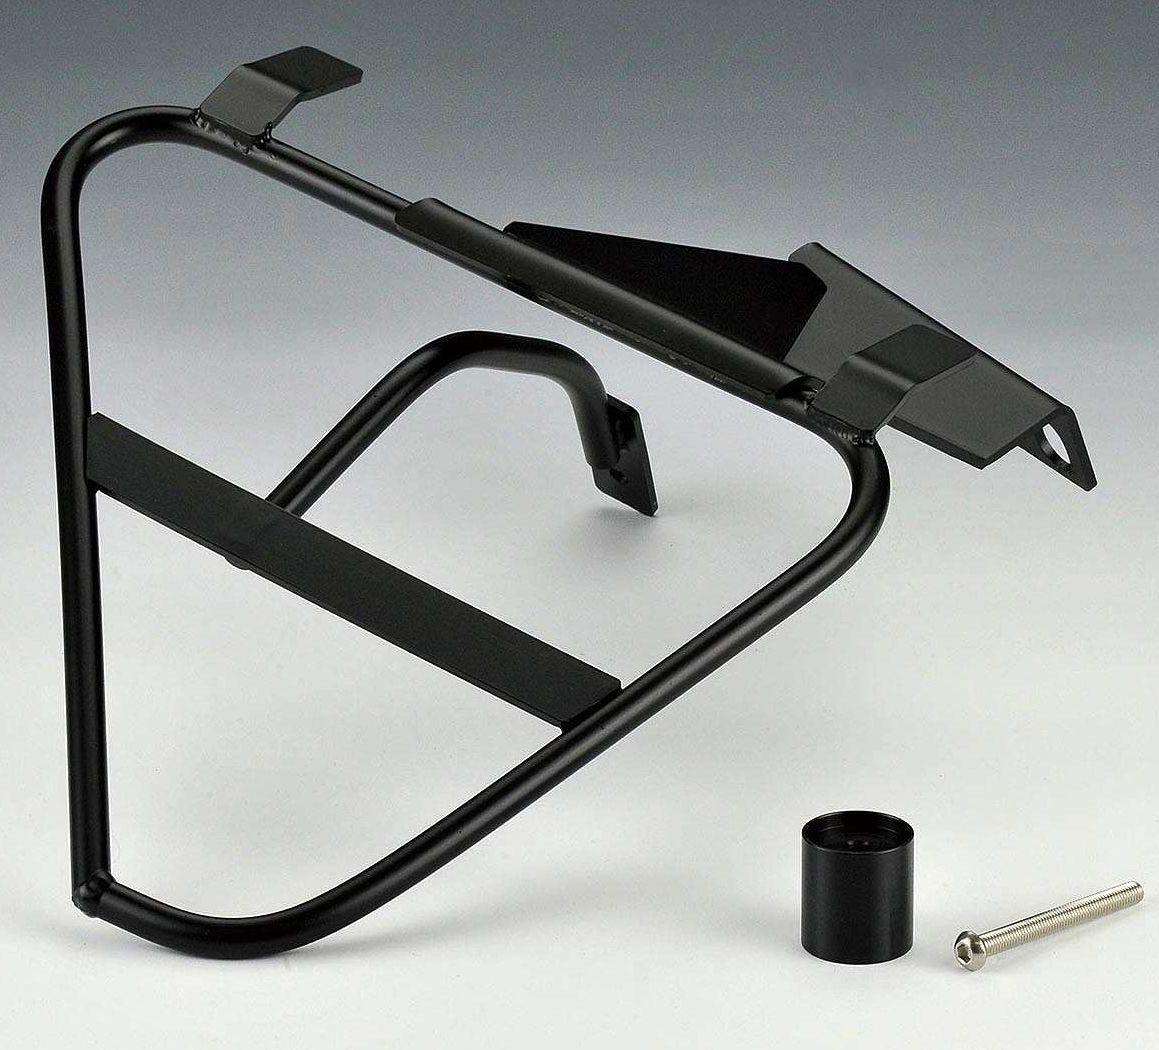 Exclusive Saddle Bag Support Bracket for BMW RnineT